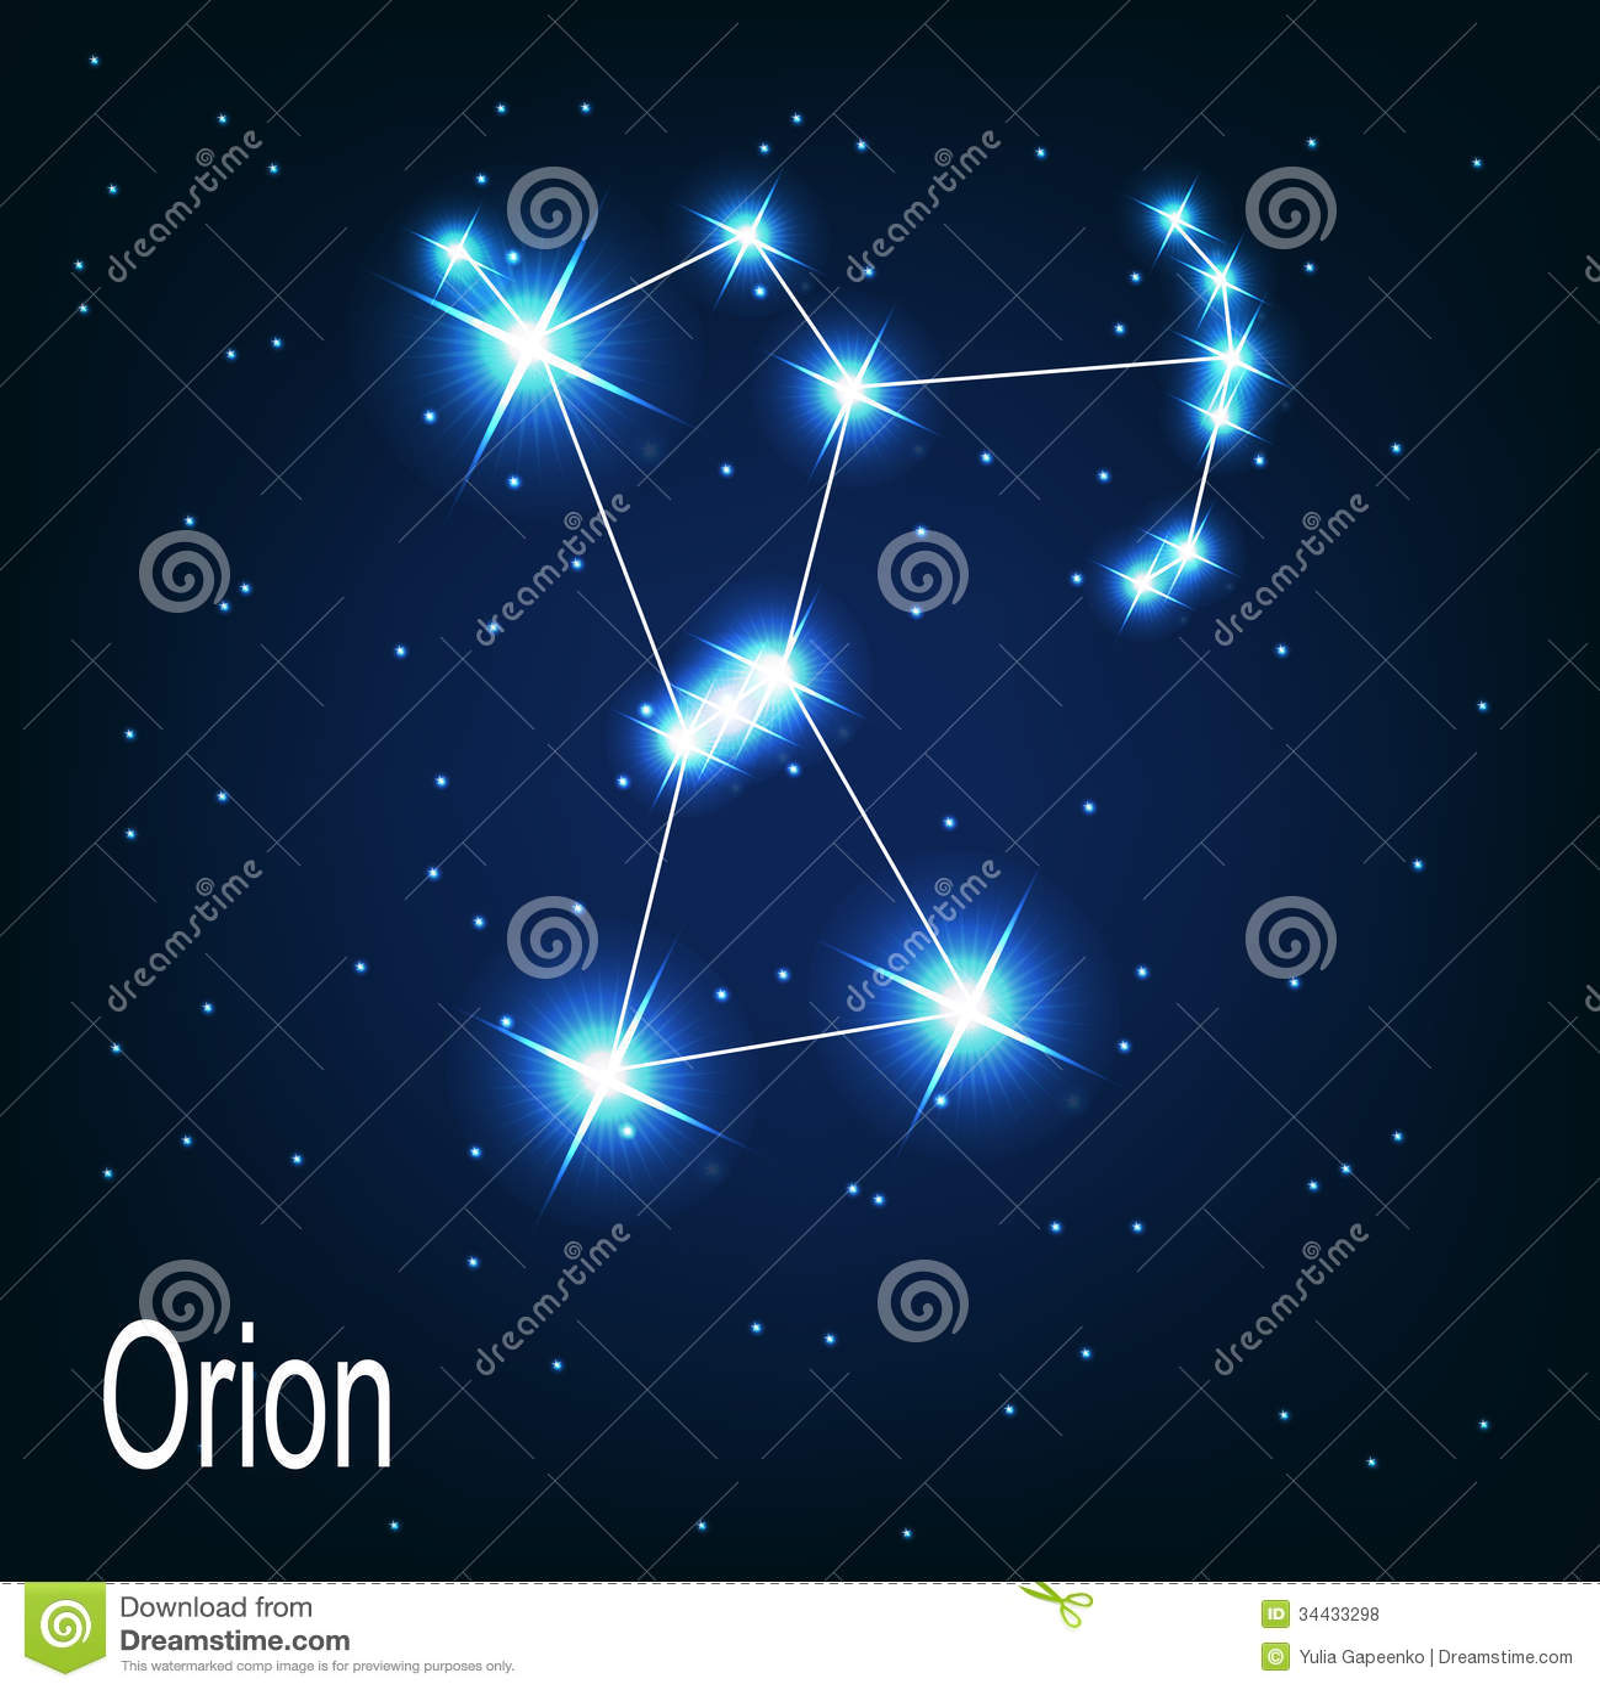 Звезда Ориона созвездия в ночном небе.